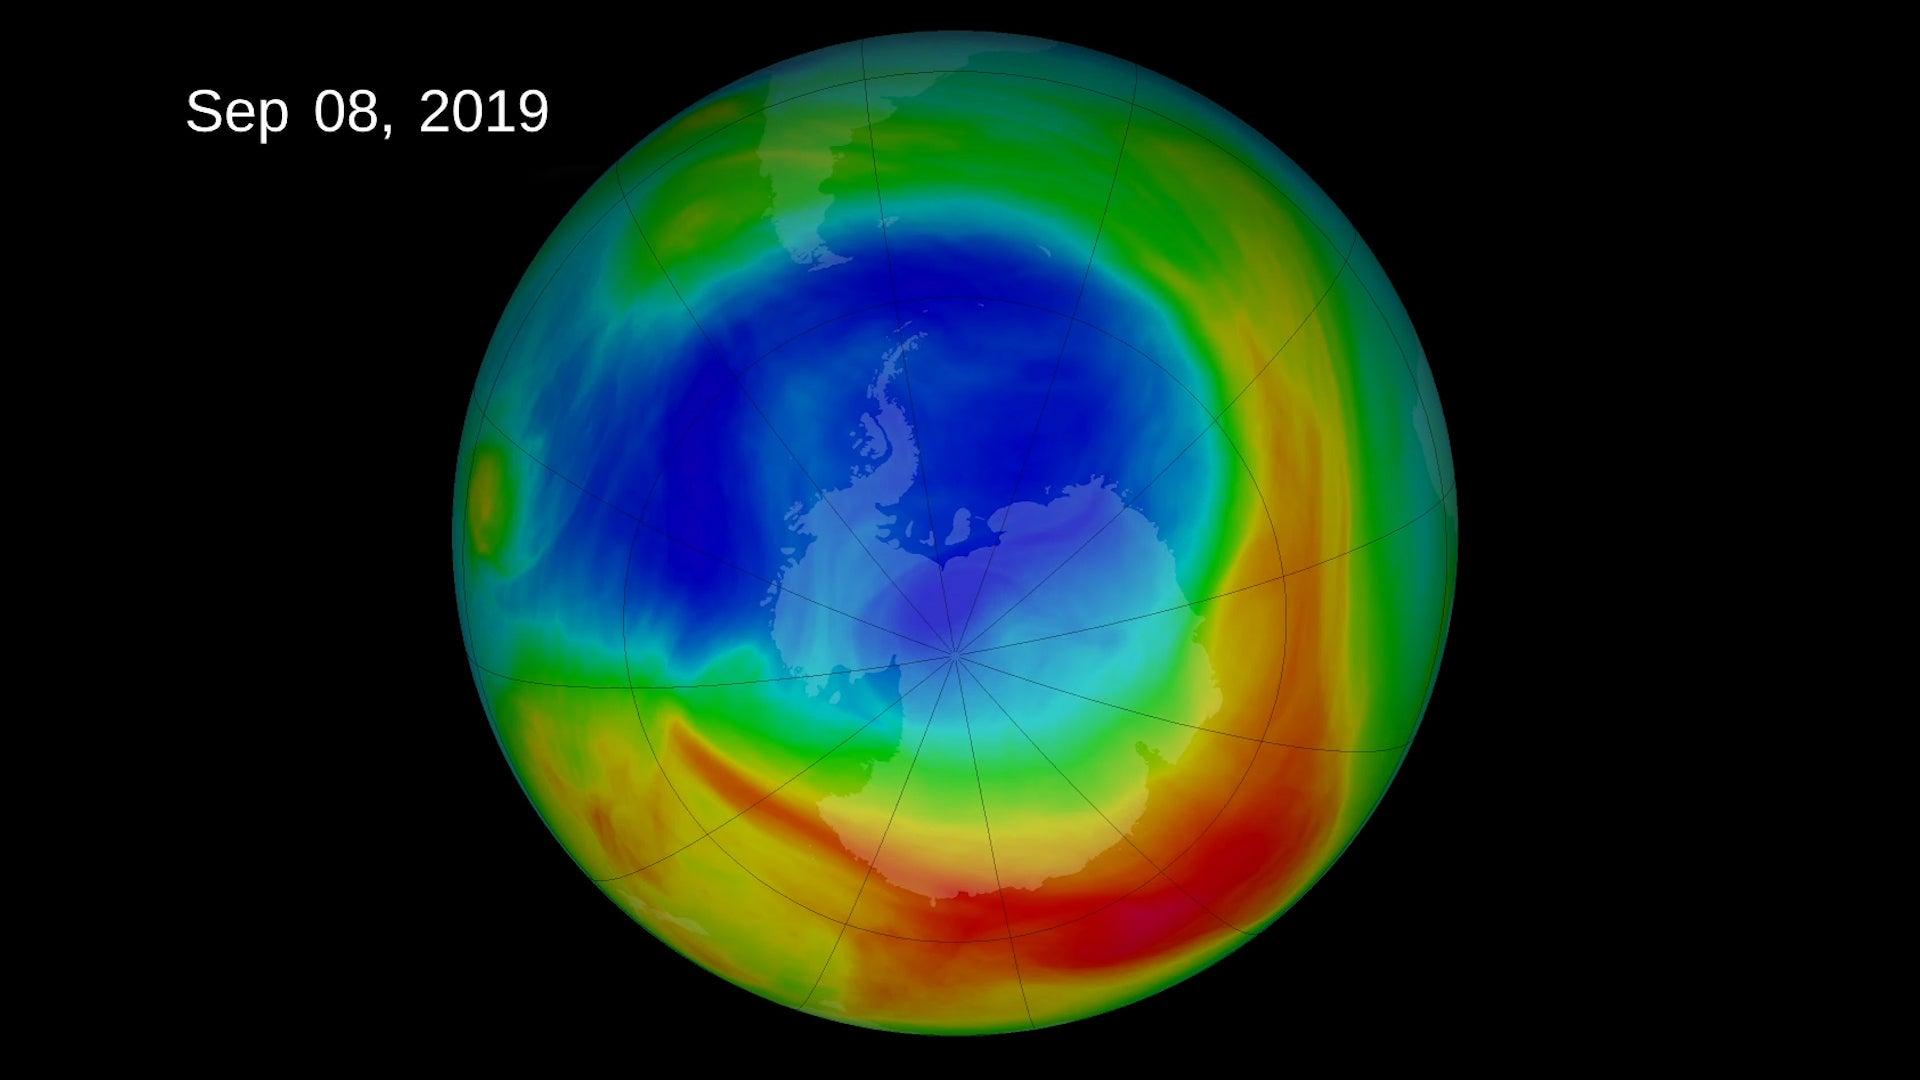 Shrinking Ozone Hole, Climate Change Are Causing Atmospheric 'Tug of War'